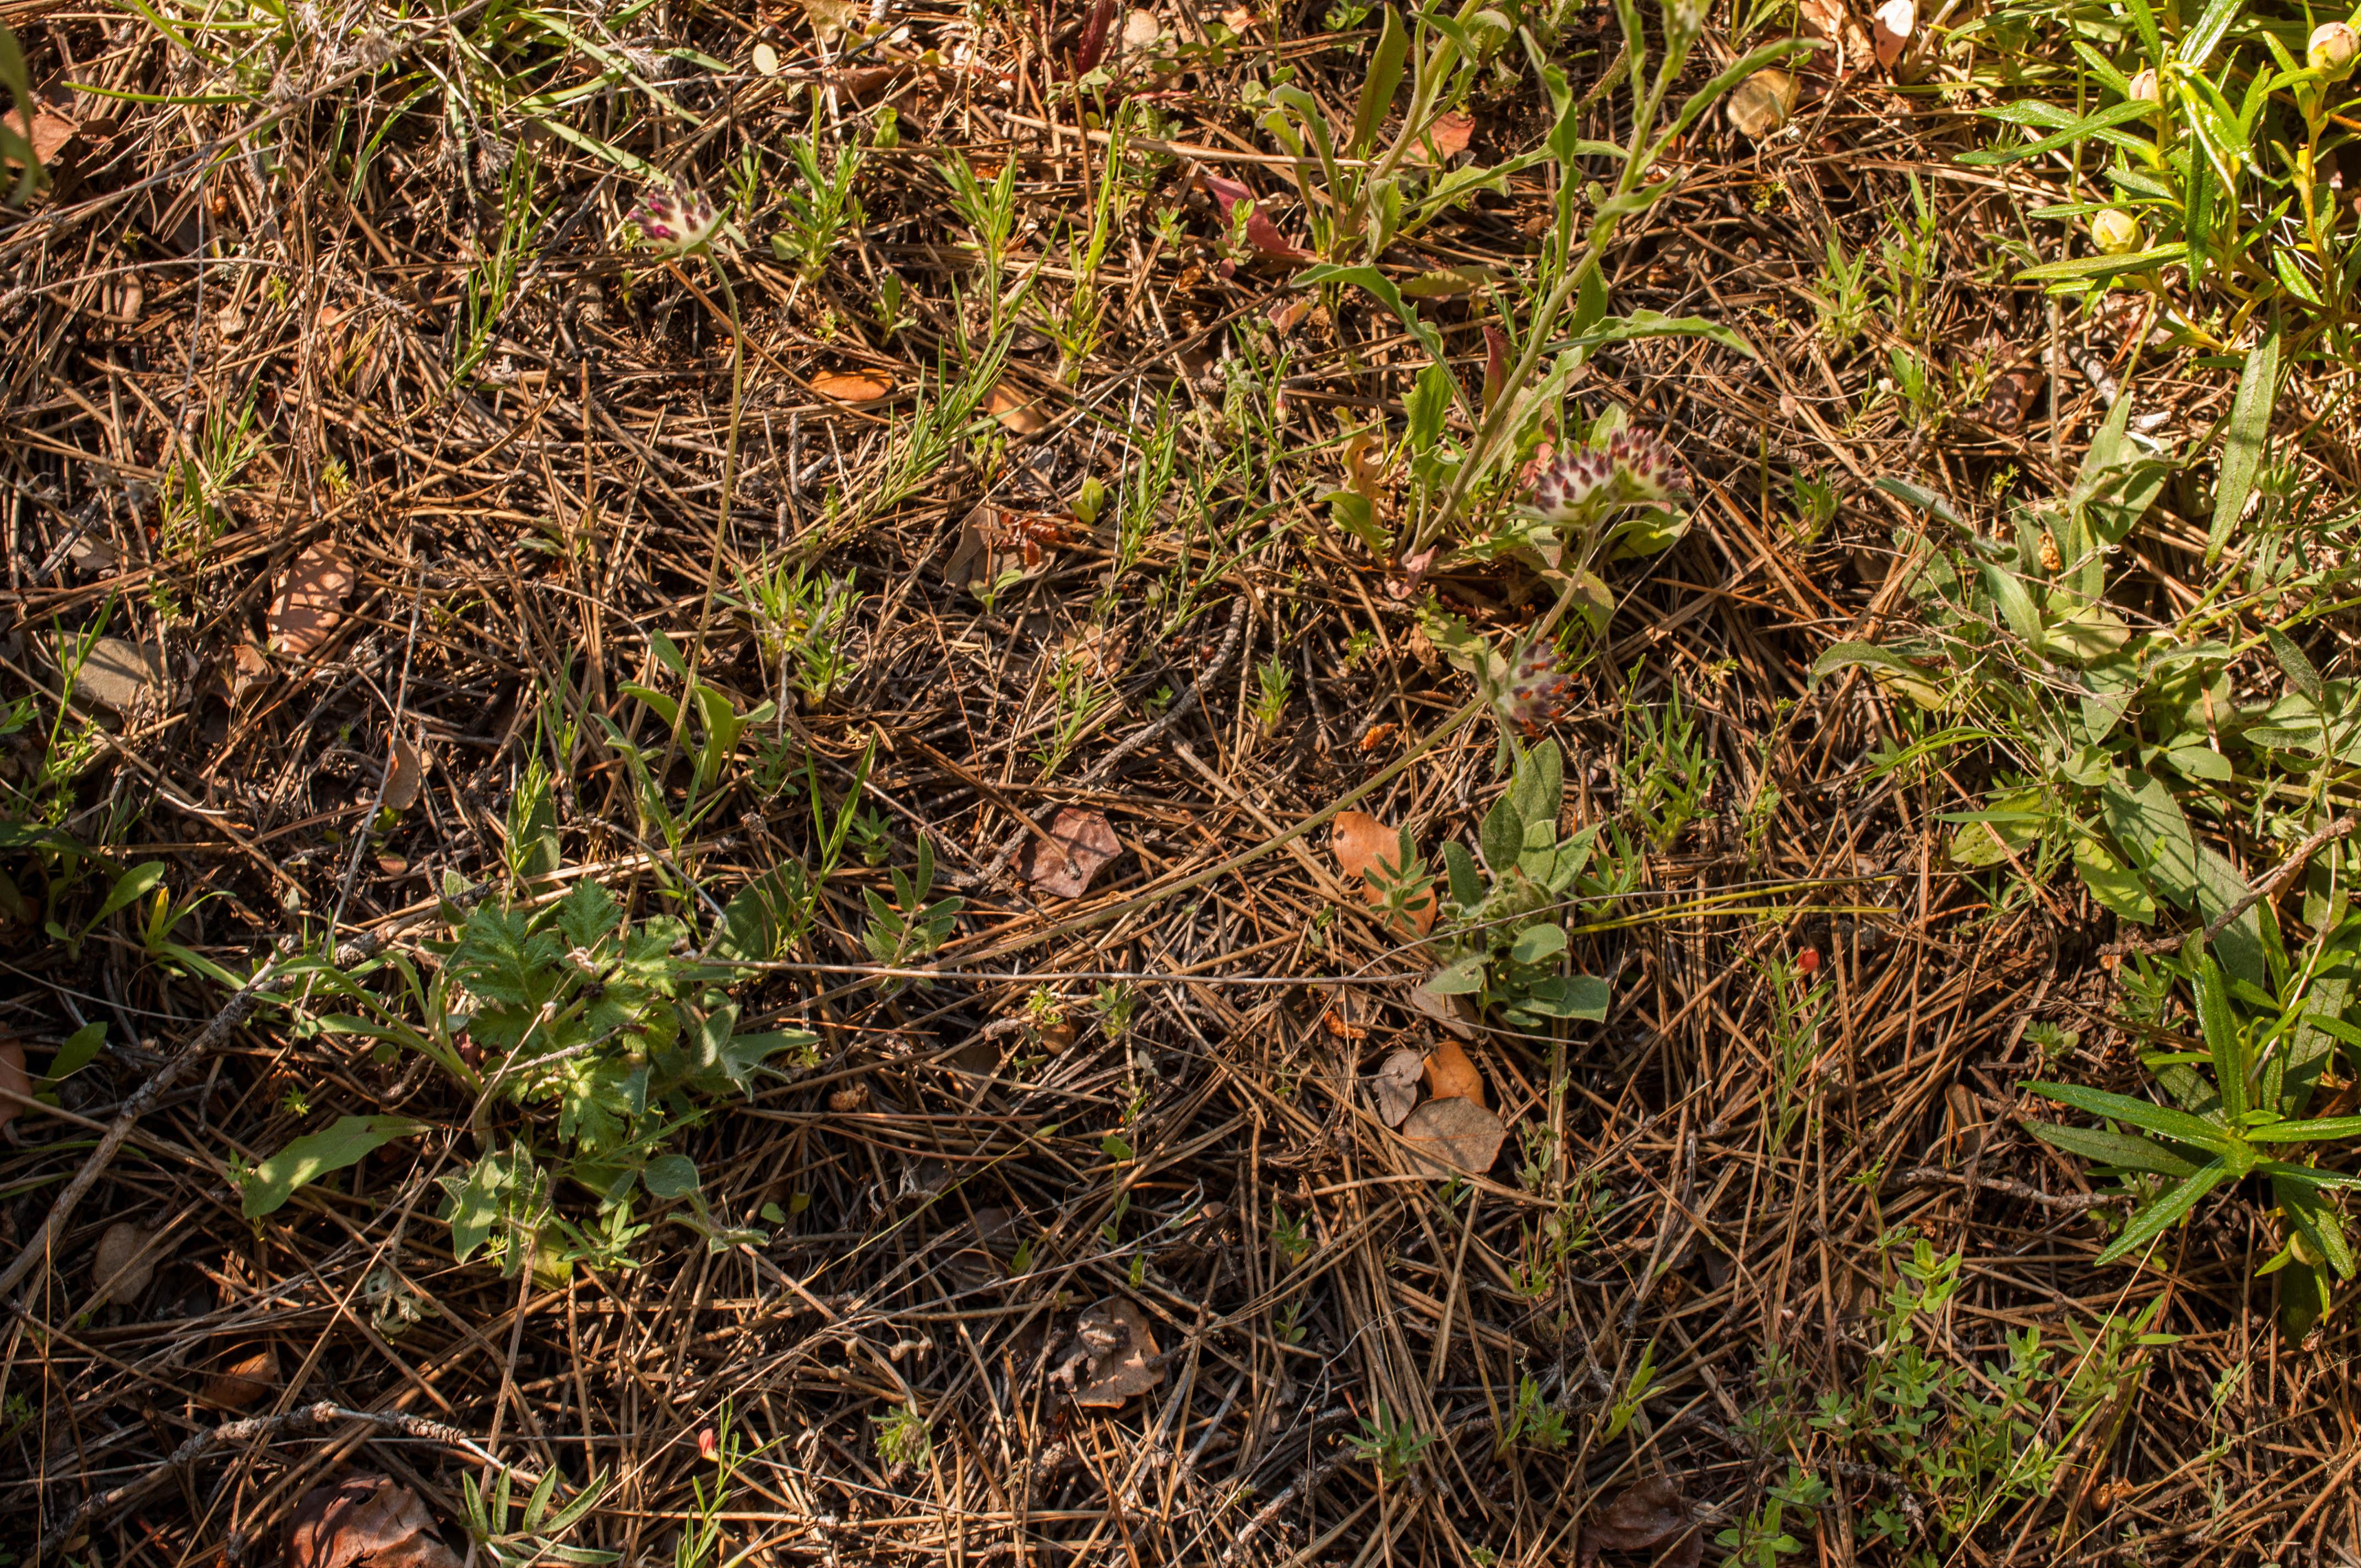 Anthyllis vulneraria Las Obreras de Aliste CB Artesanos de la Miel Aliste Gallegos del Campo Artesanos de la Miel